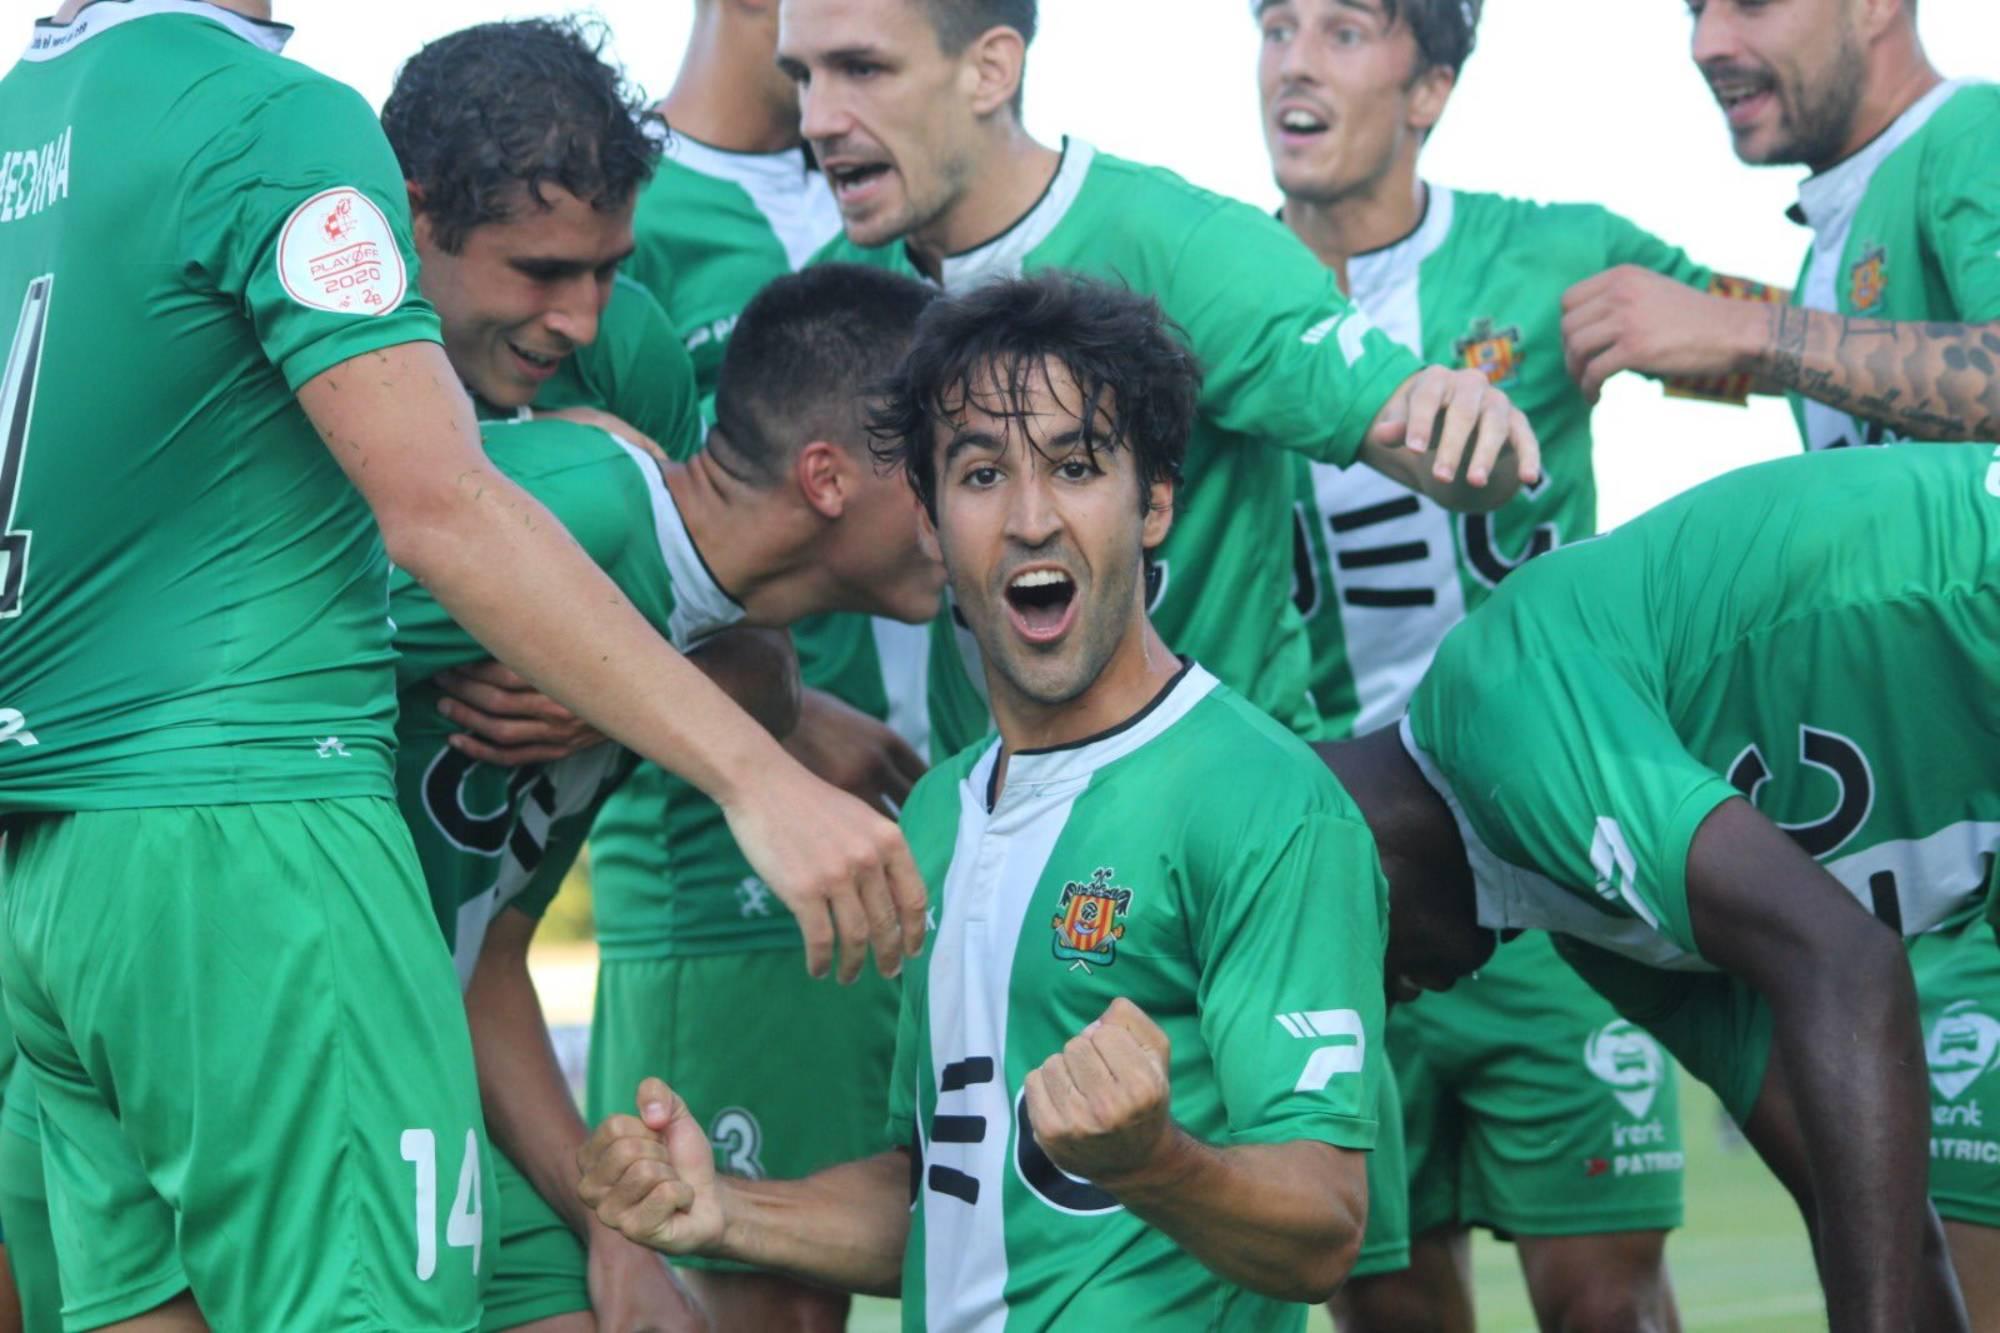 Els jugadors del Cornellà celebren la victòria | UE Cornellà